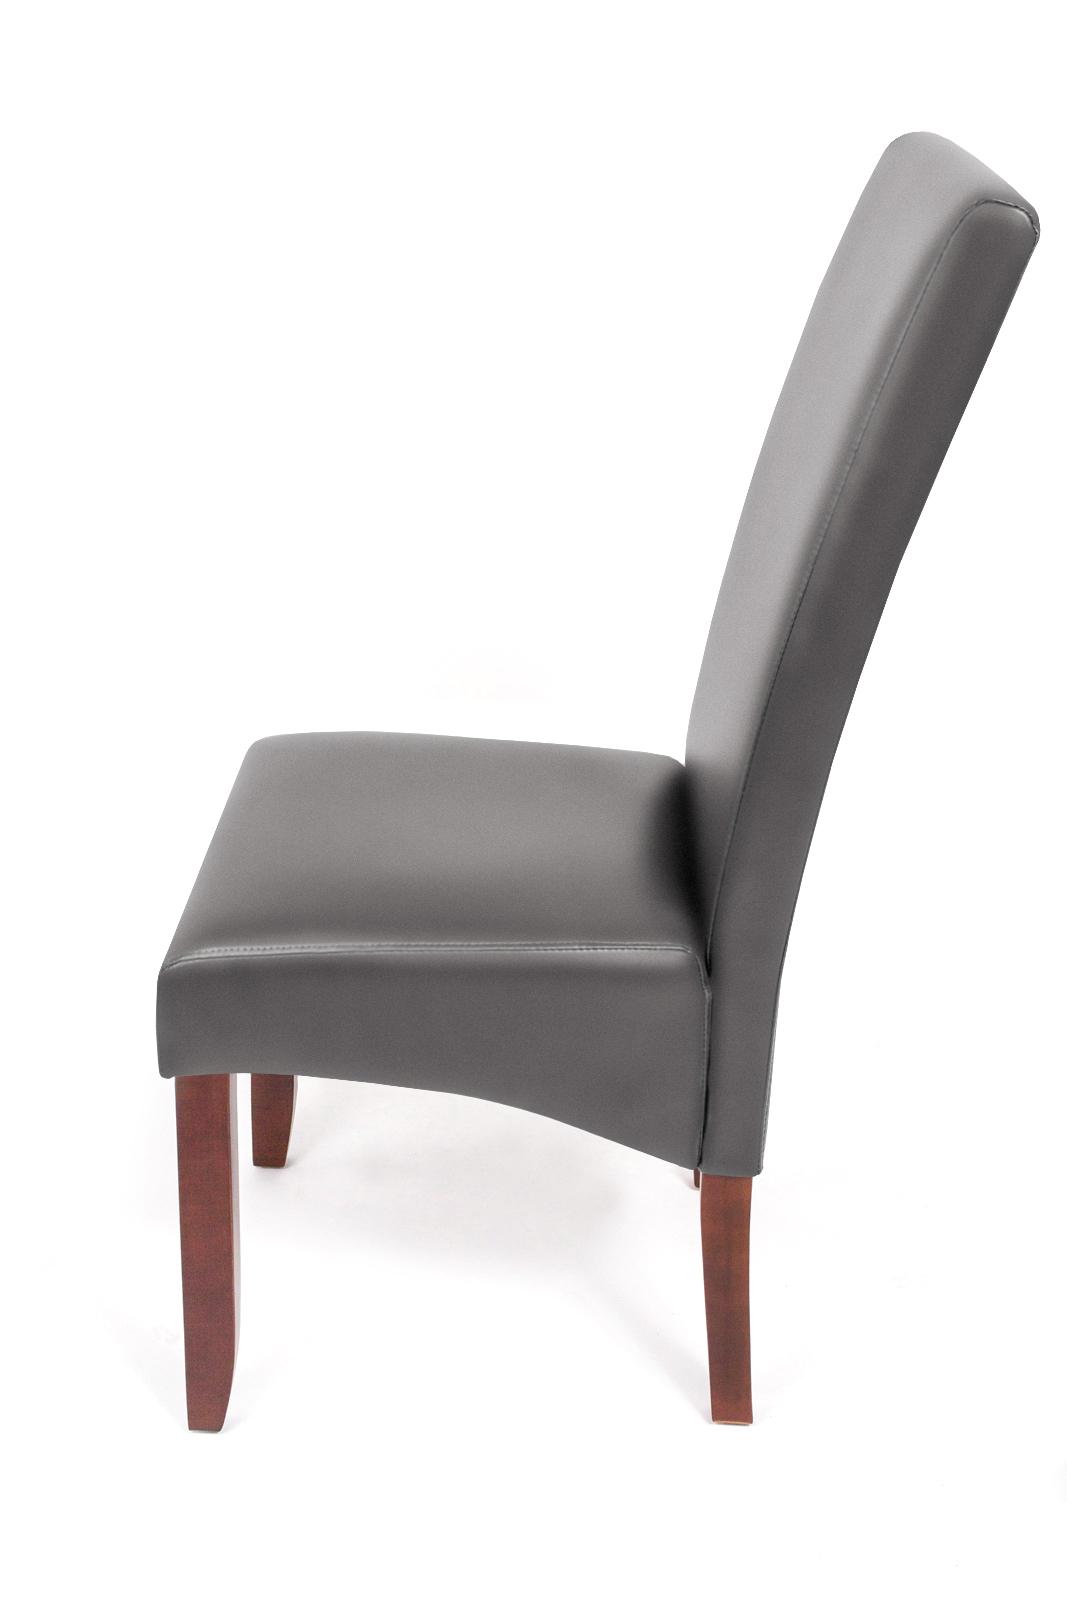 sam esszimmerstuhl stuhl grau recyceltes leder miriam. Black Bedroom Furniture Sets. Home Design Ideas